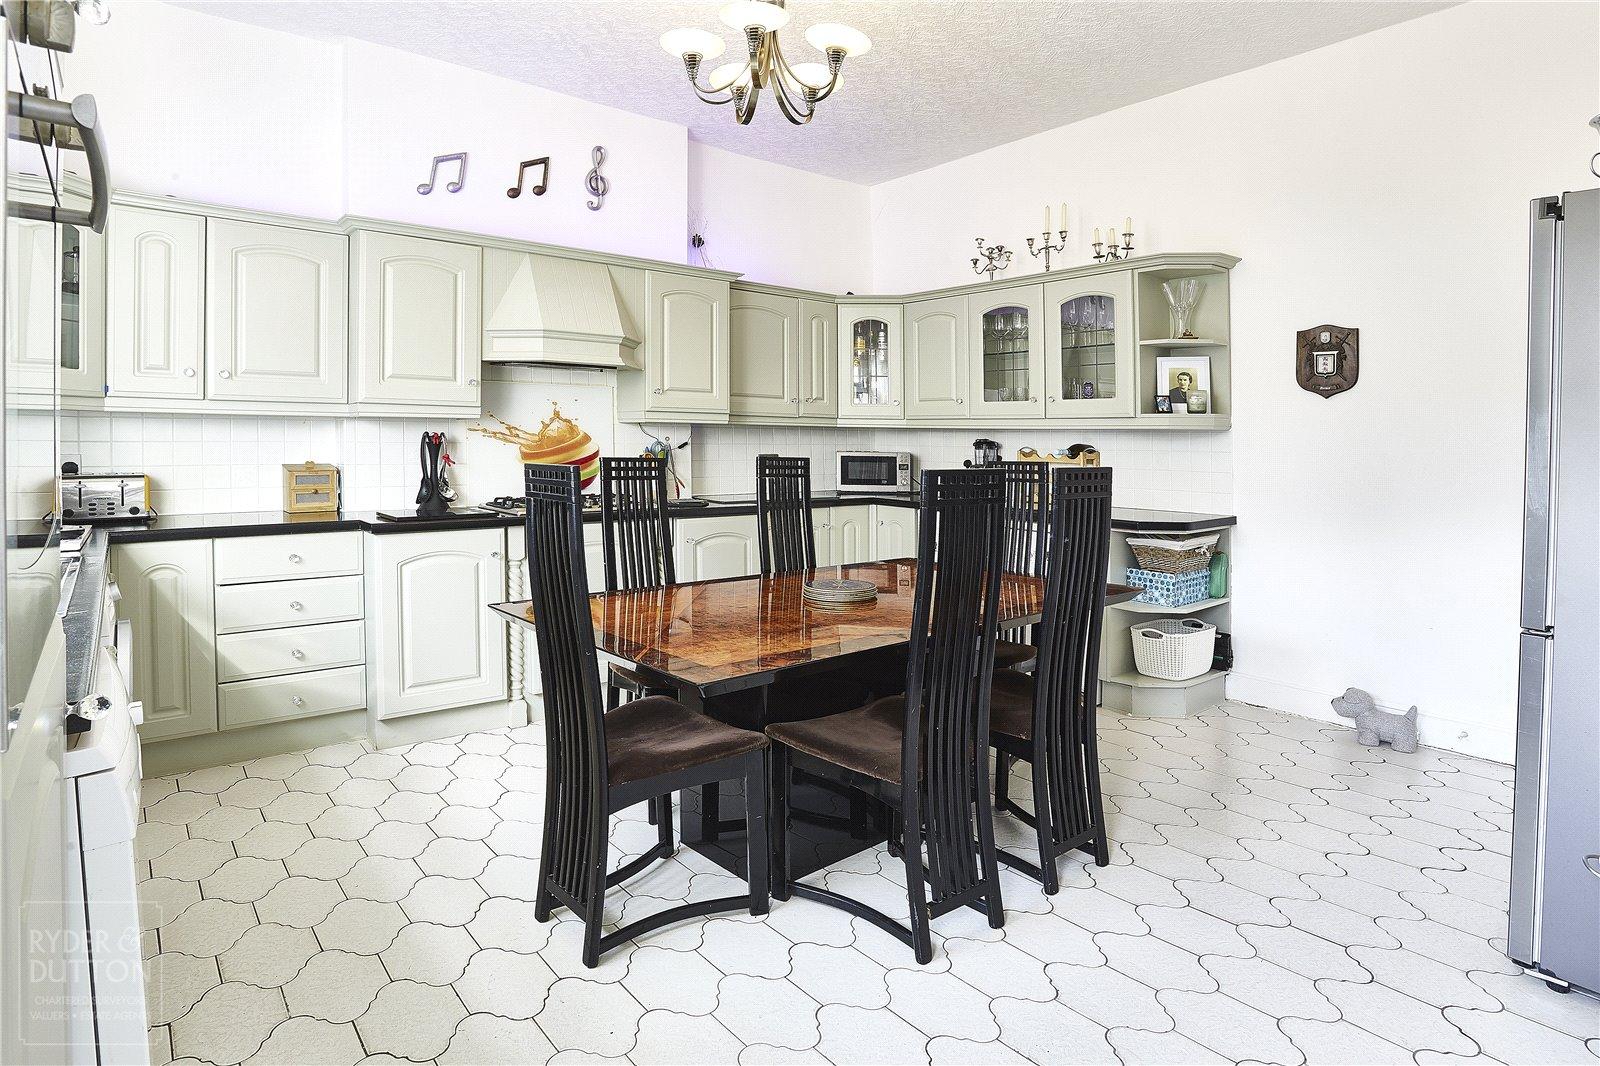 Kitchen-Diner: